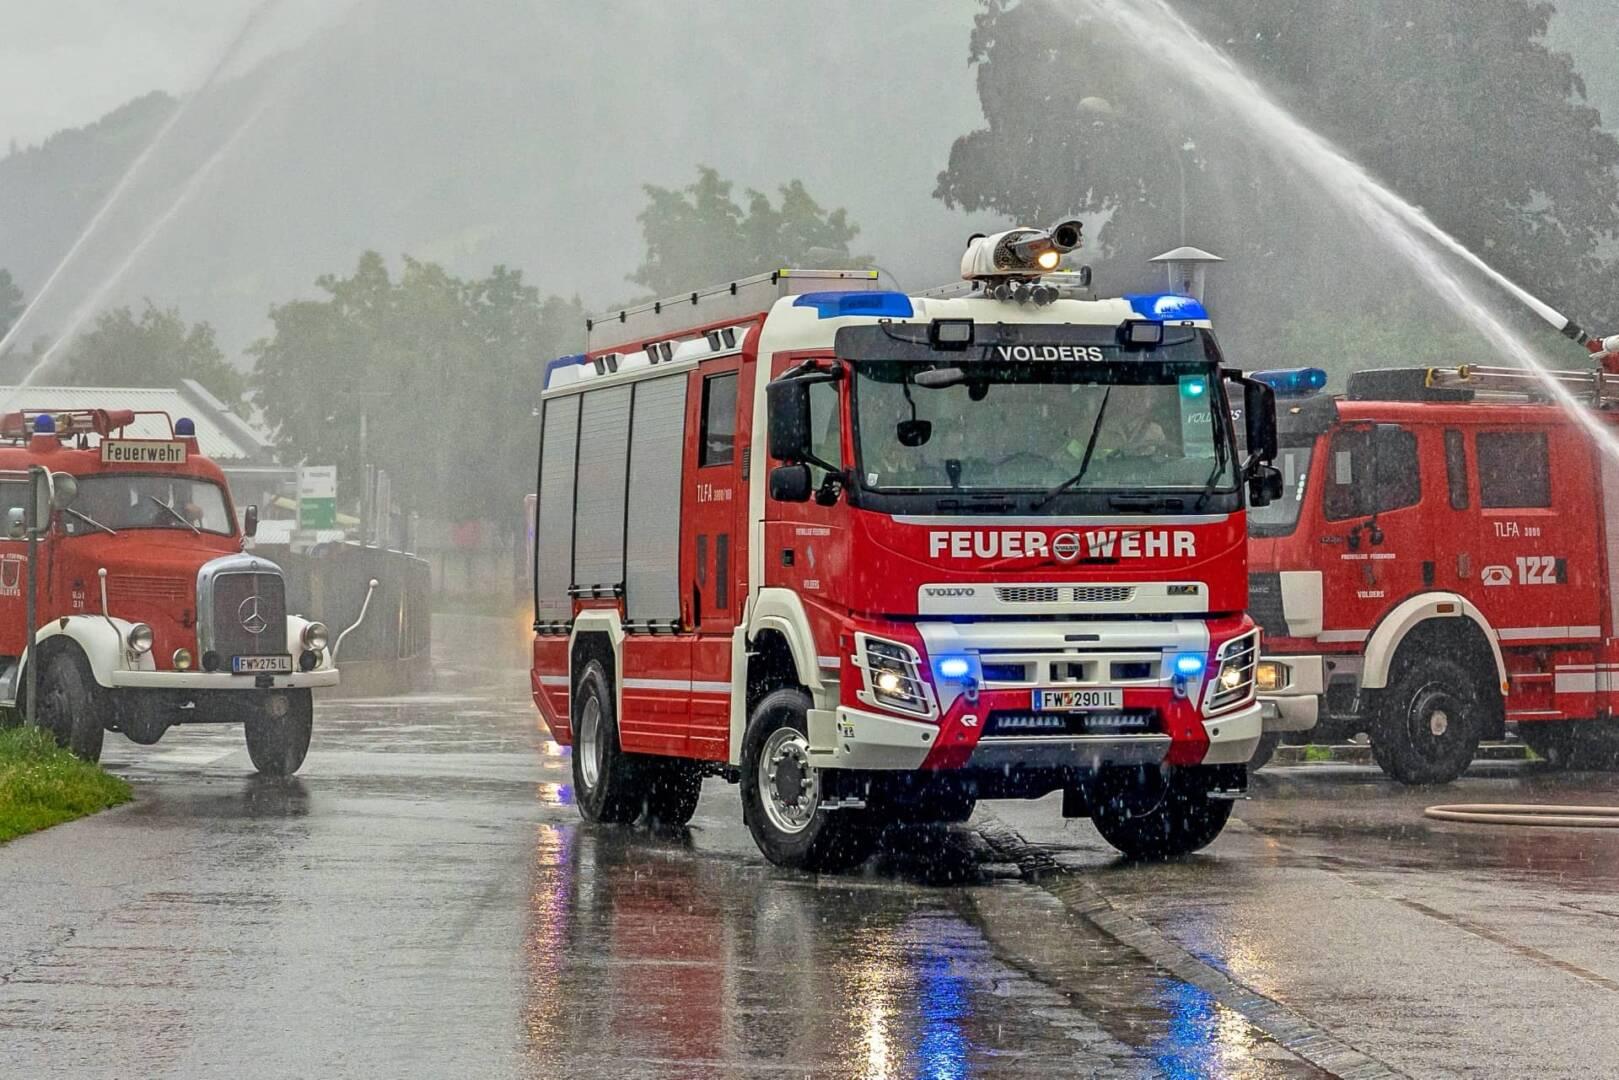 Neues Tanklöschfahrzeug für die Feuerwehr